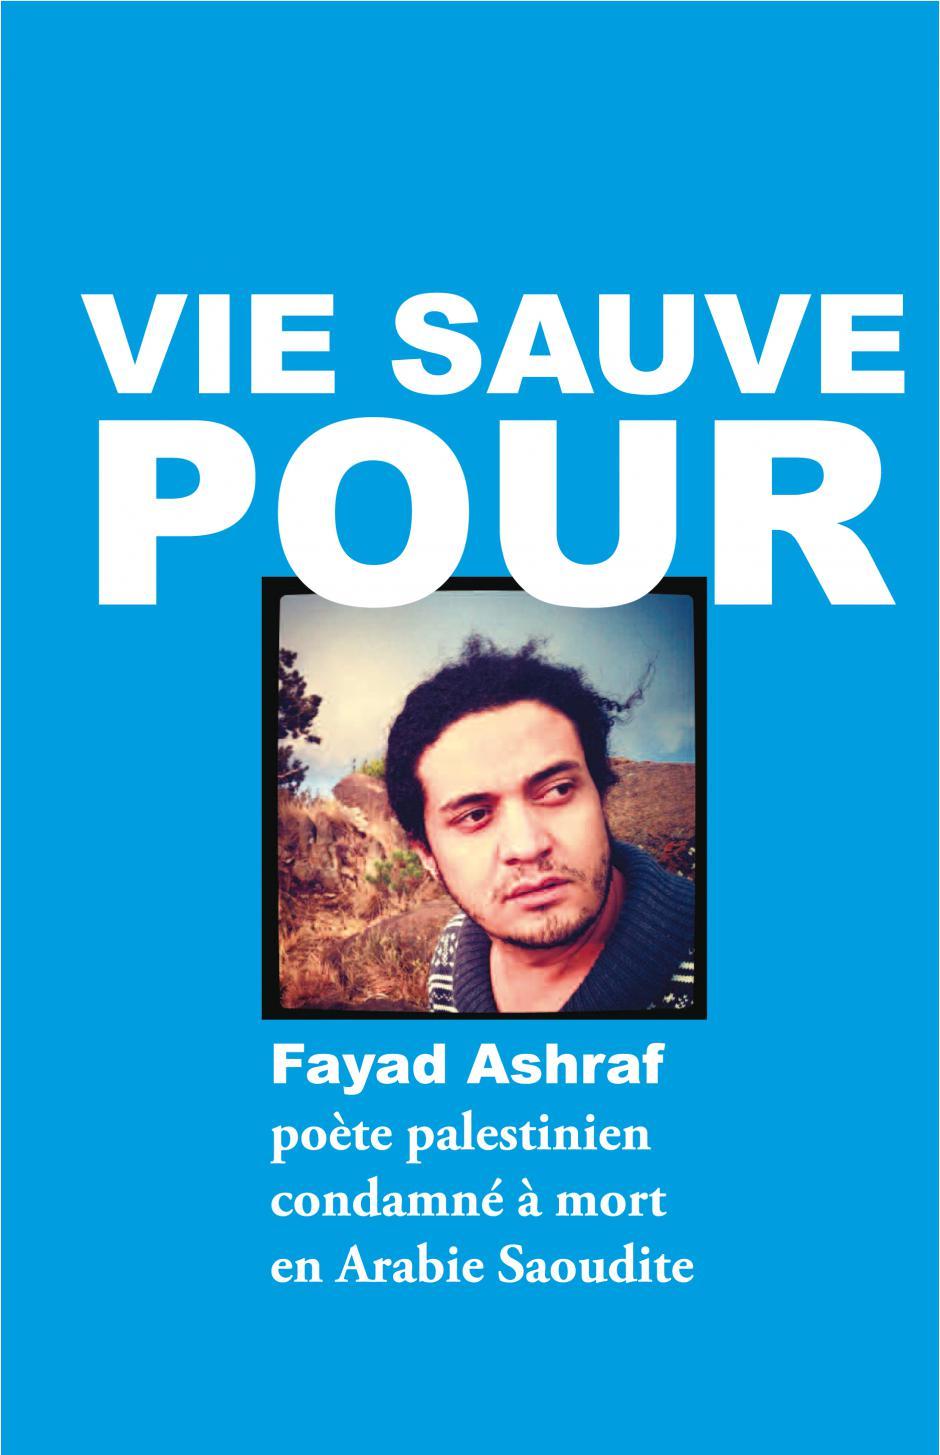 Ashraf Fayad : un poète palestinien condamné à mort en Arabie saoudite